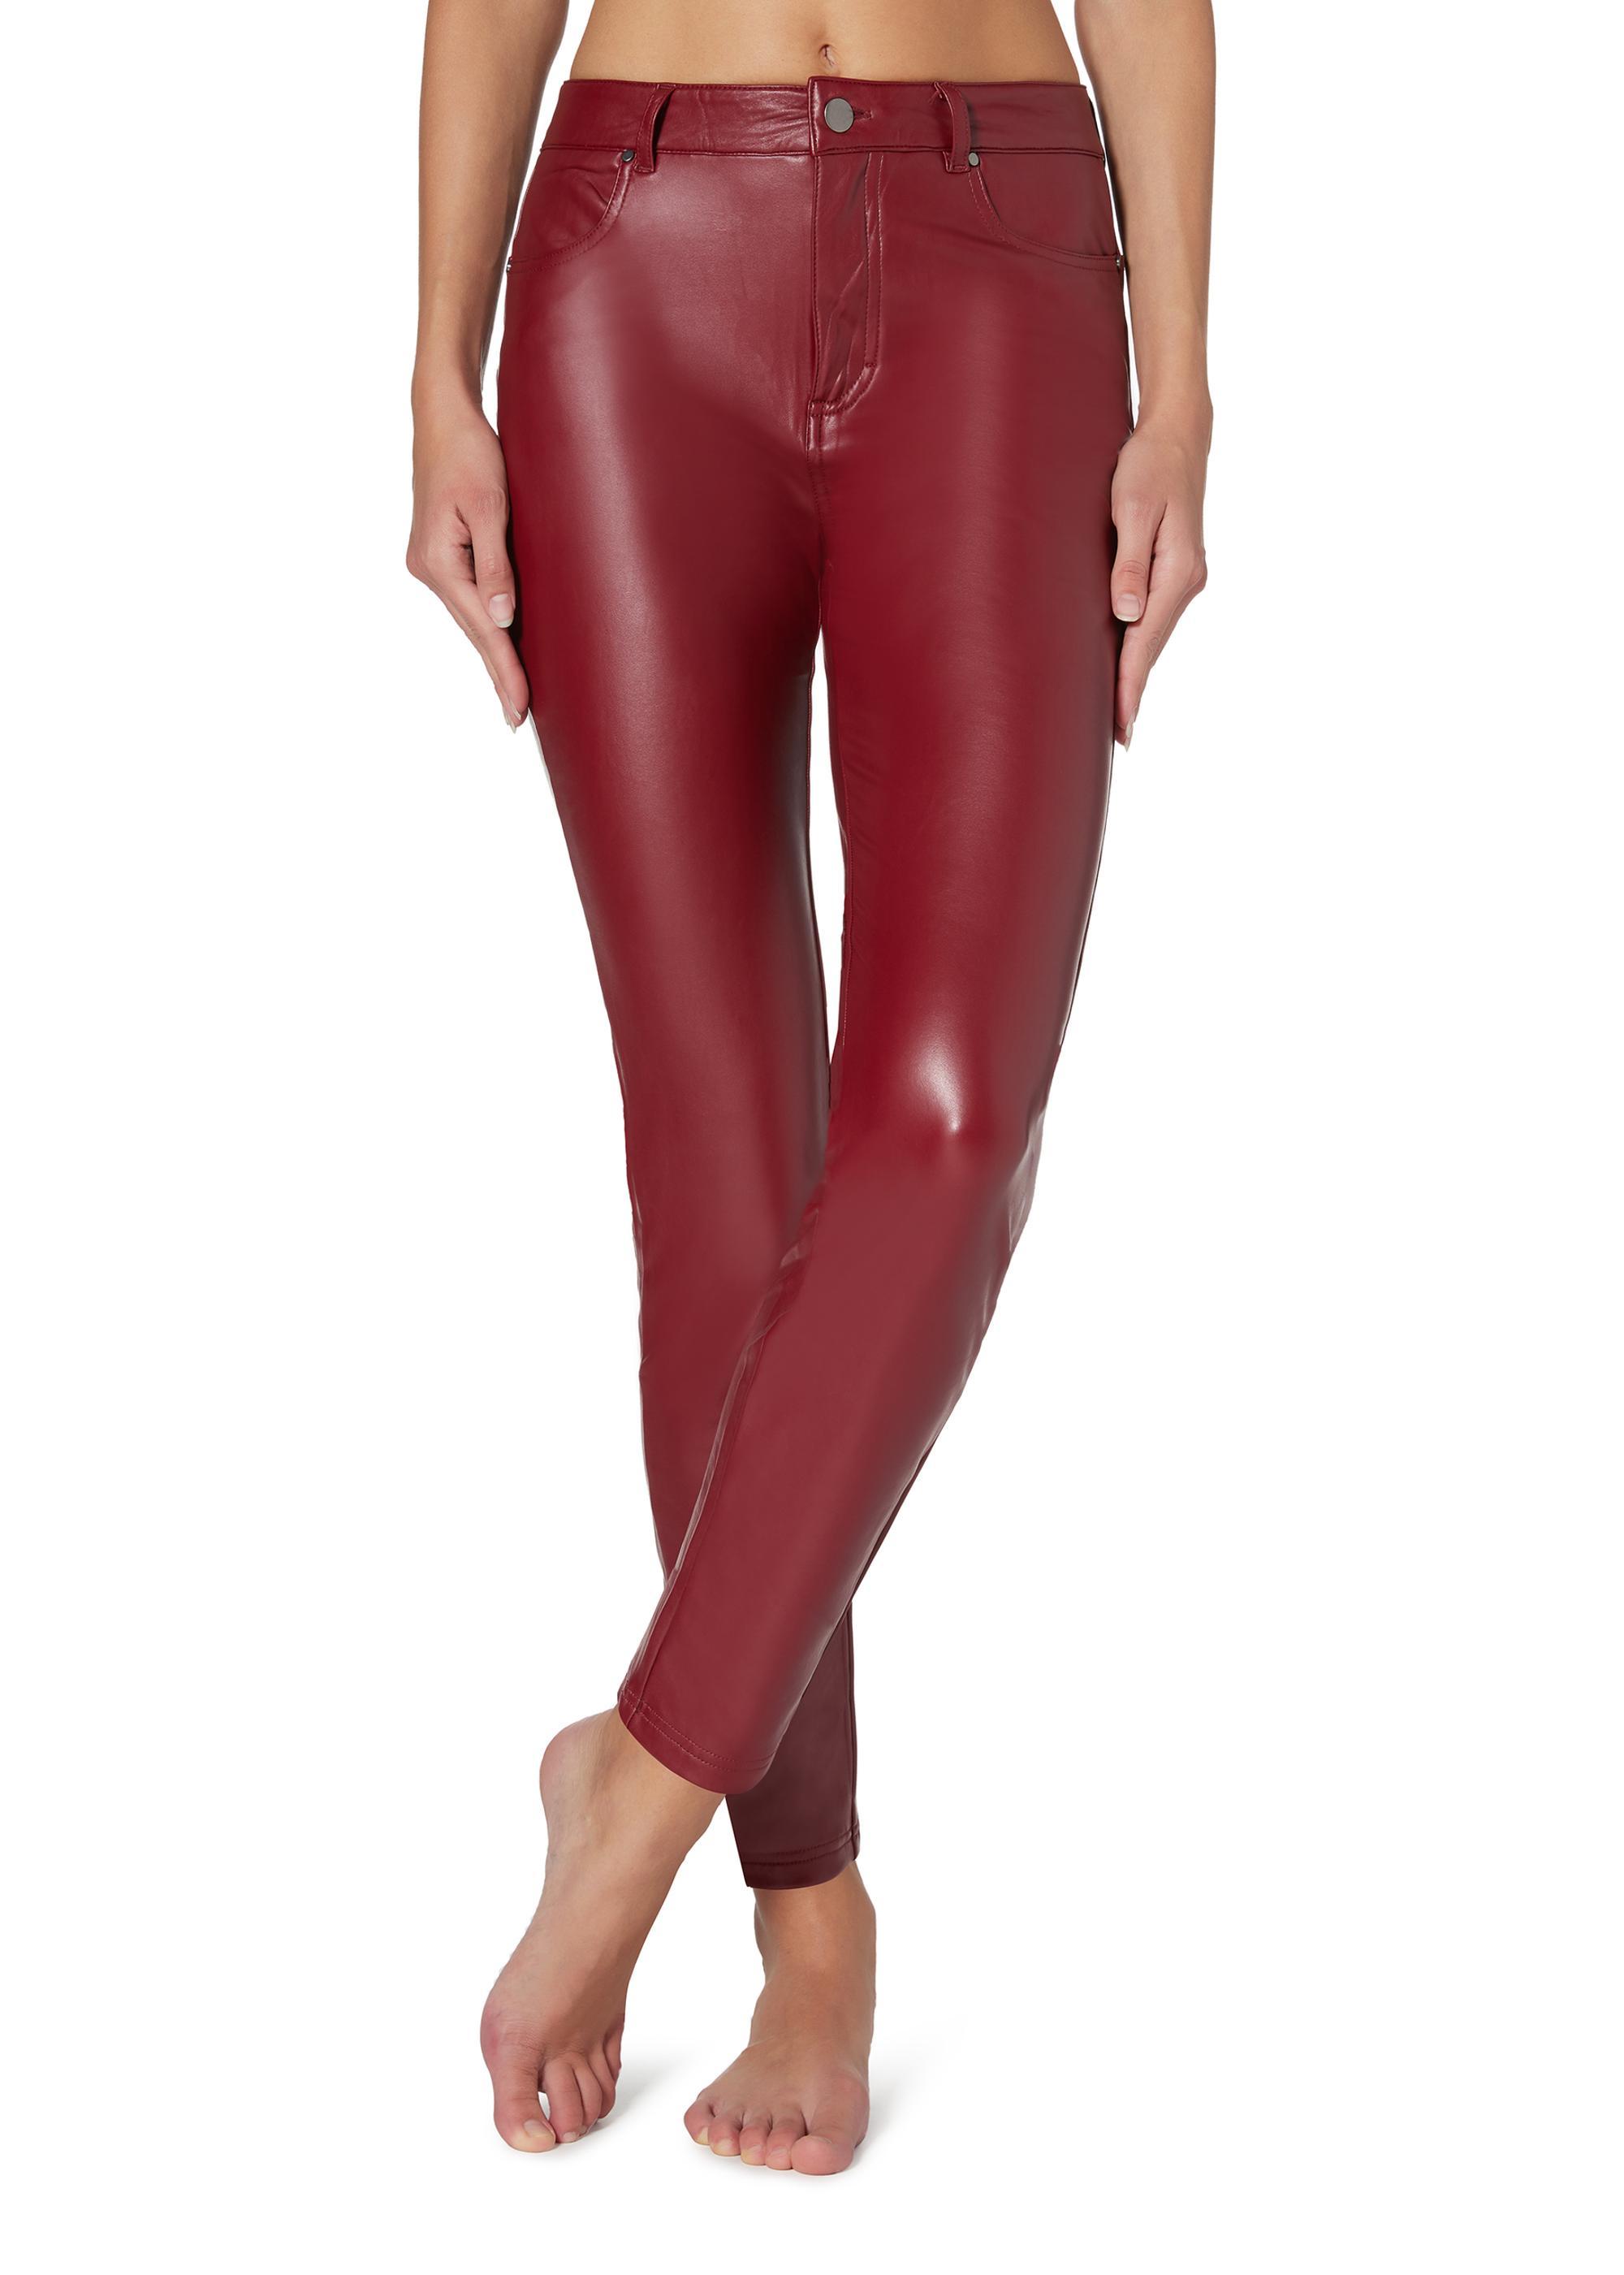 Pantaloni termici Calzedonia effetto pelle inverno 2019 2020